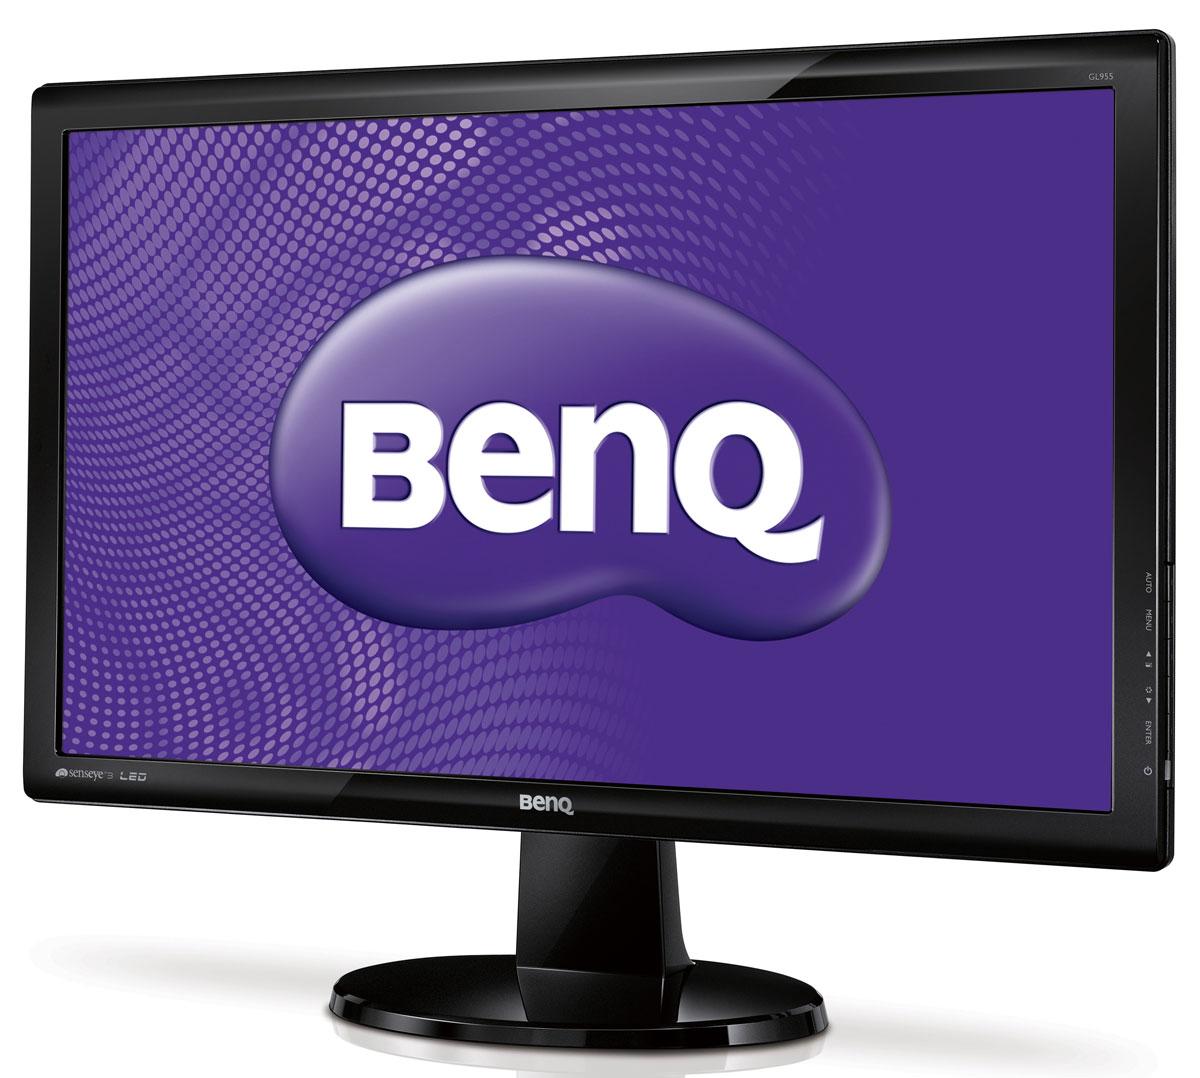 BenQ GL955A, Glossy Black монитор9H.L94LA.T8E /9H.L94LB.Q8EДобавьте ярких красок в вашу жизнь с монитором BenQ GL955A. Преимущества LED подсветки: Использование в мониторах LED подсветки дает ощутимые преимущества по сравнению с обычно используемой CCFL подсветкой. Эти преимущества включают наряду с высоким уровнем динамической контрастности, отсутствием белесой засветки и мерцания, также и снижение вредных выбросов в атмосферу при производстве мониторов и их переработке. Потрясающий уровень динамической контрастности: Уровень динамической контрастности монитора GL955A составляет 12 000 000:1, что позволяет кардинально улучшить качество изображения и увидеть даже мельчайшие детали в самых темных и сложных визуальных сценах. Все оттенки - от самого черного до самого белого - передаются с потрясающей четкостью, создавая по- настоящему насыщенное изображение. Технология Senseye: Благодаря эксклюзивной технологии BenQ Senseye, которая позволяет настроить изображение по 6 ...